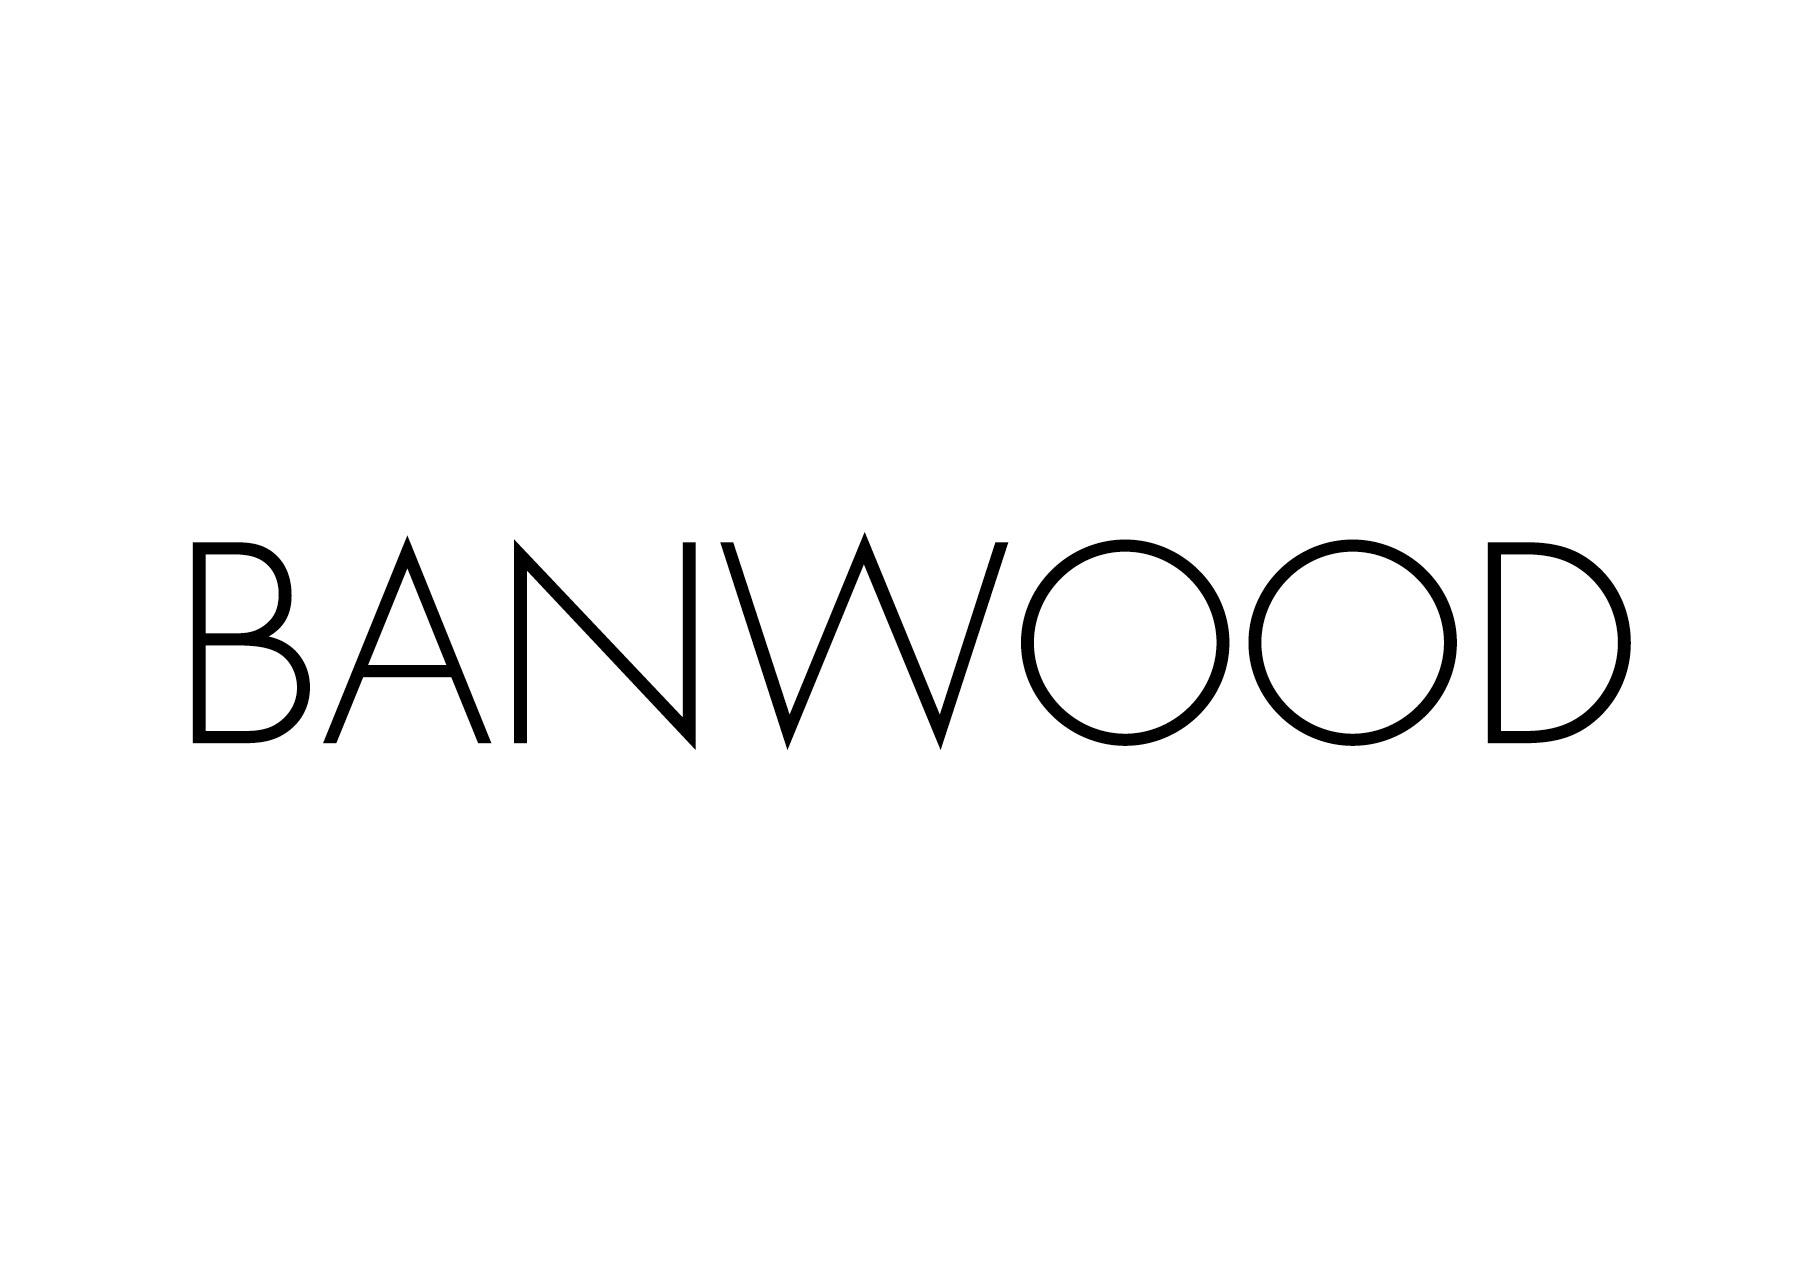 Banwood